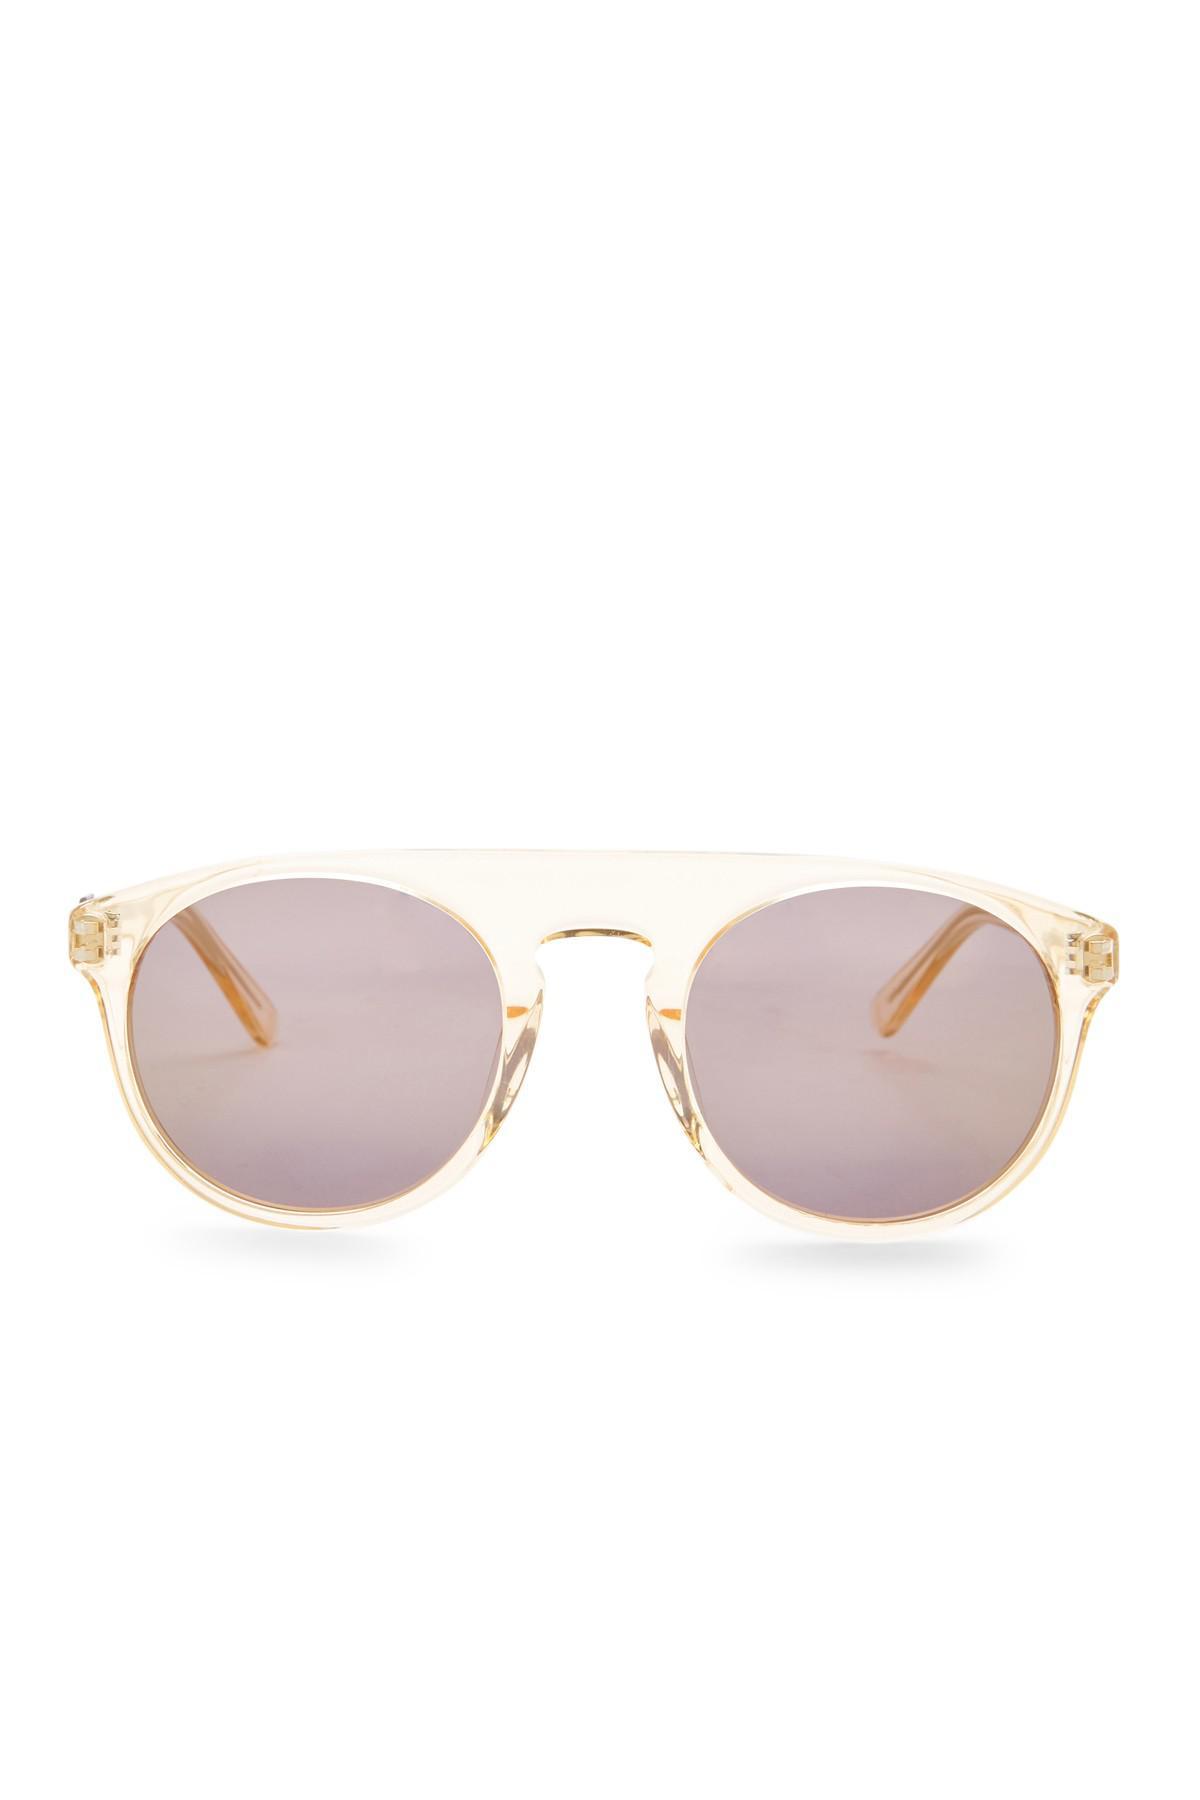 6fe8aad1efb Lyst - Westward Leaning Atlas Oversized Sunglasses